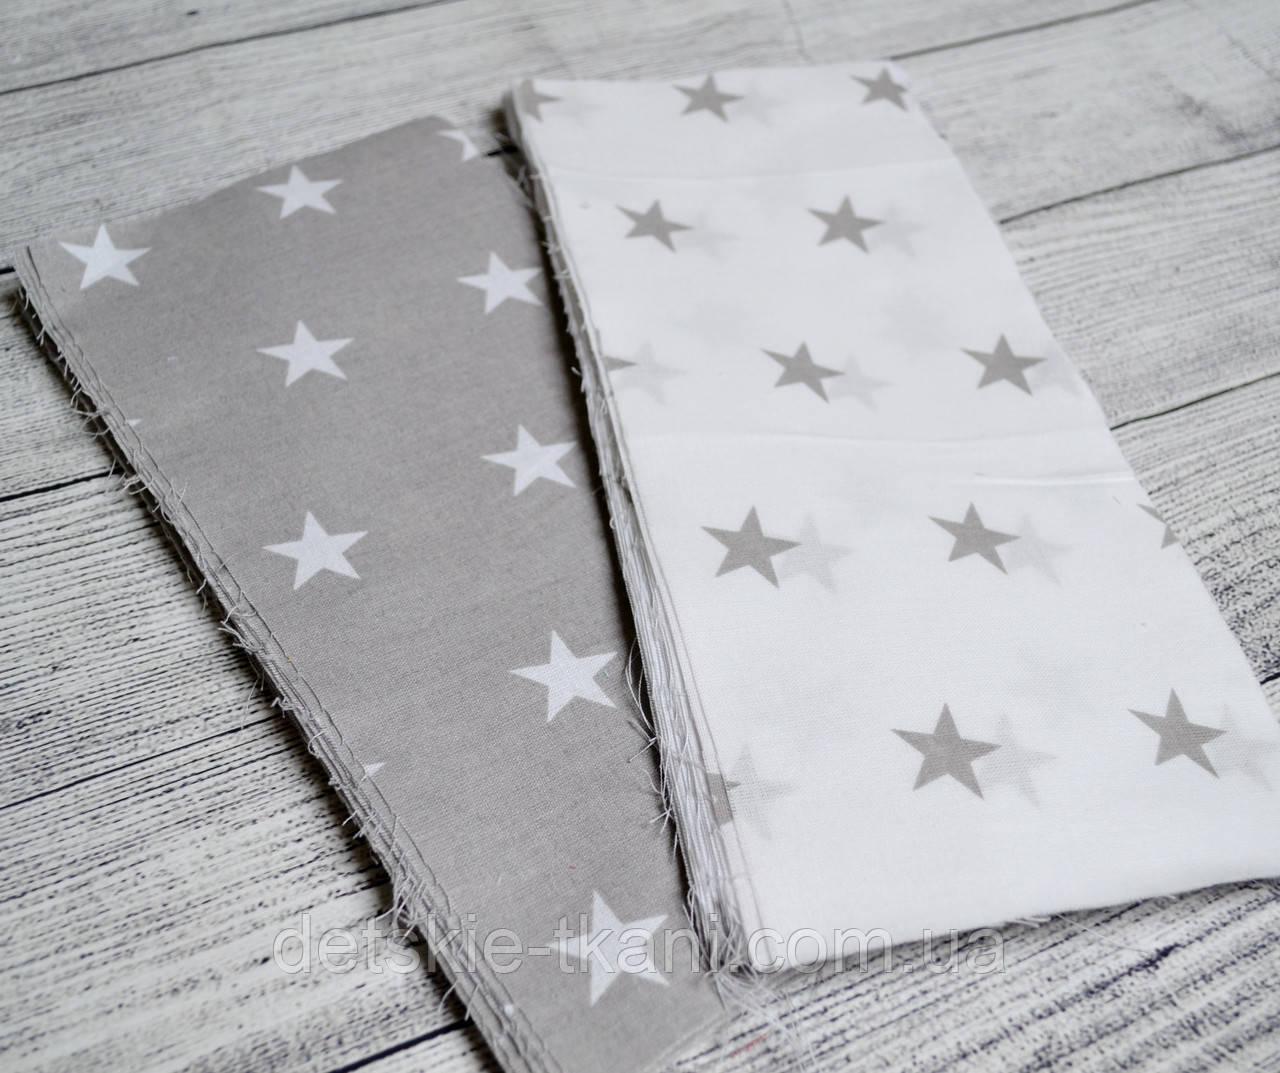 Набор тканей для рукоделия серого цвета со звёздами, №60